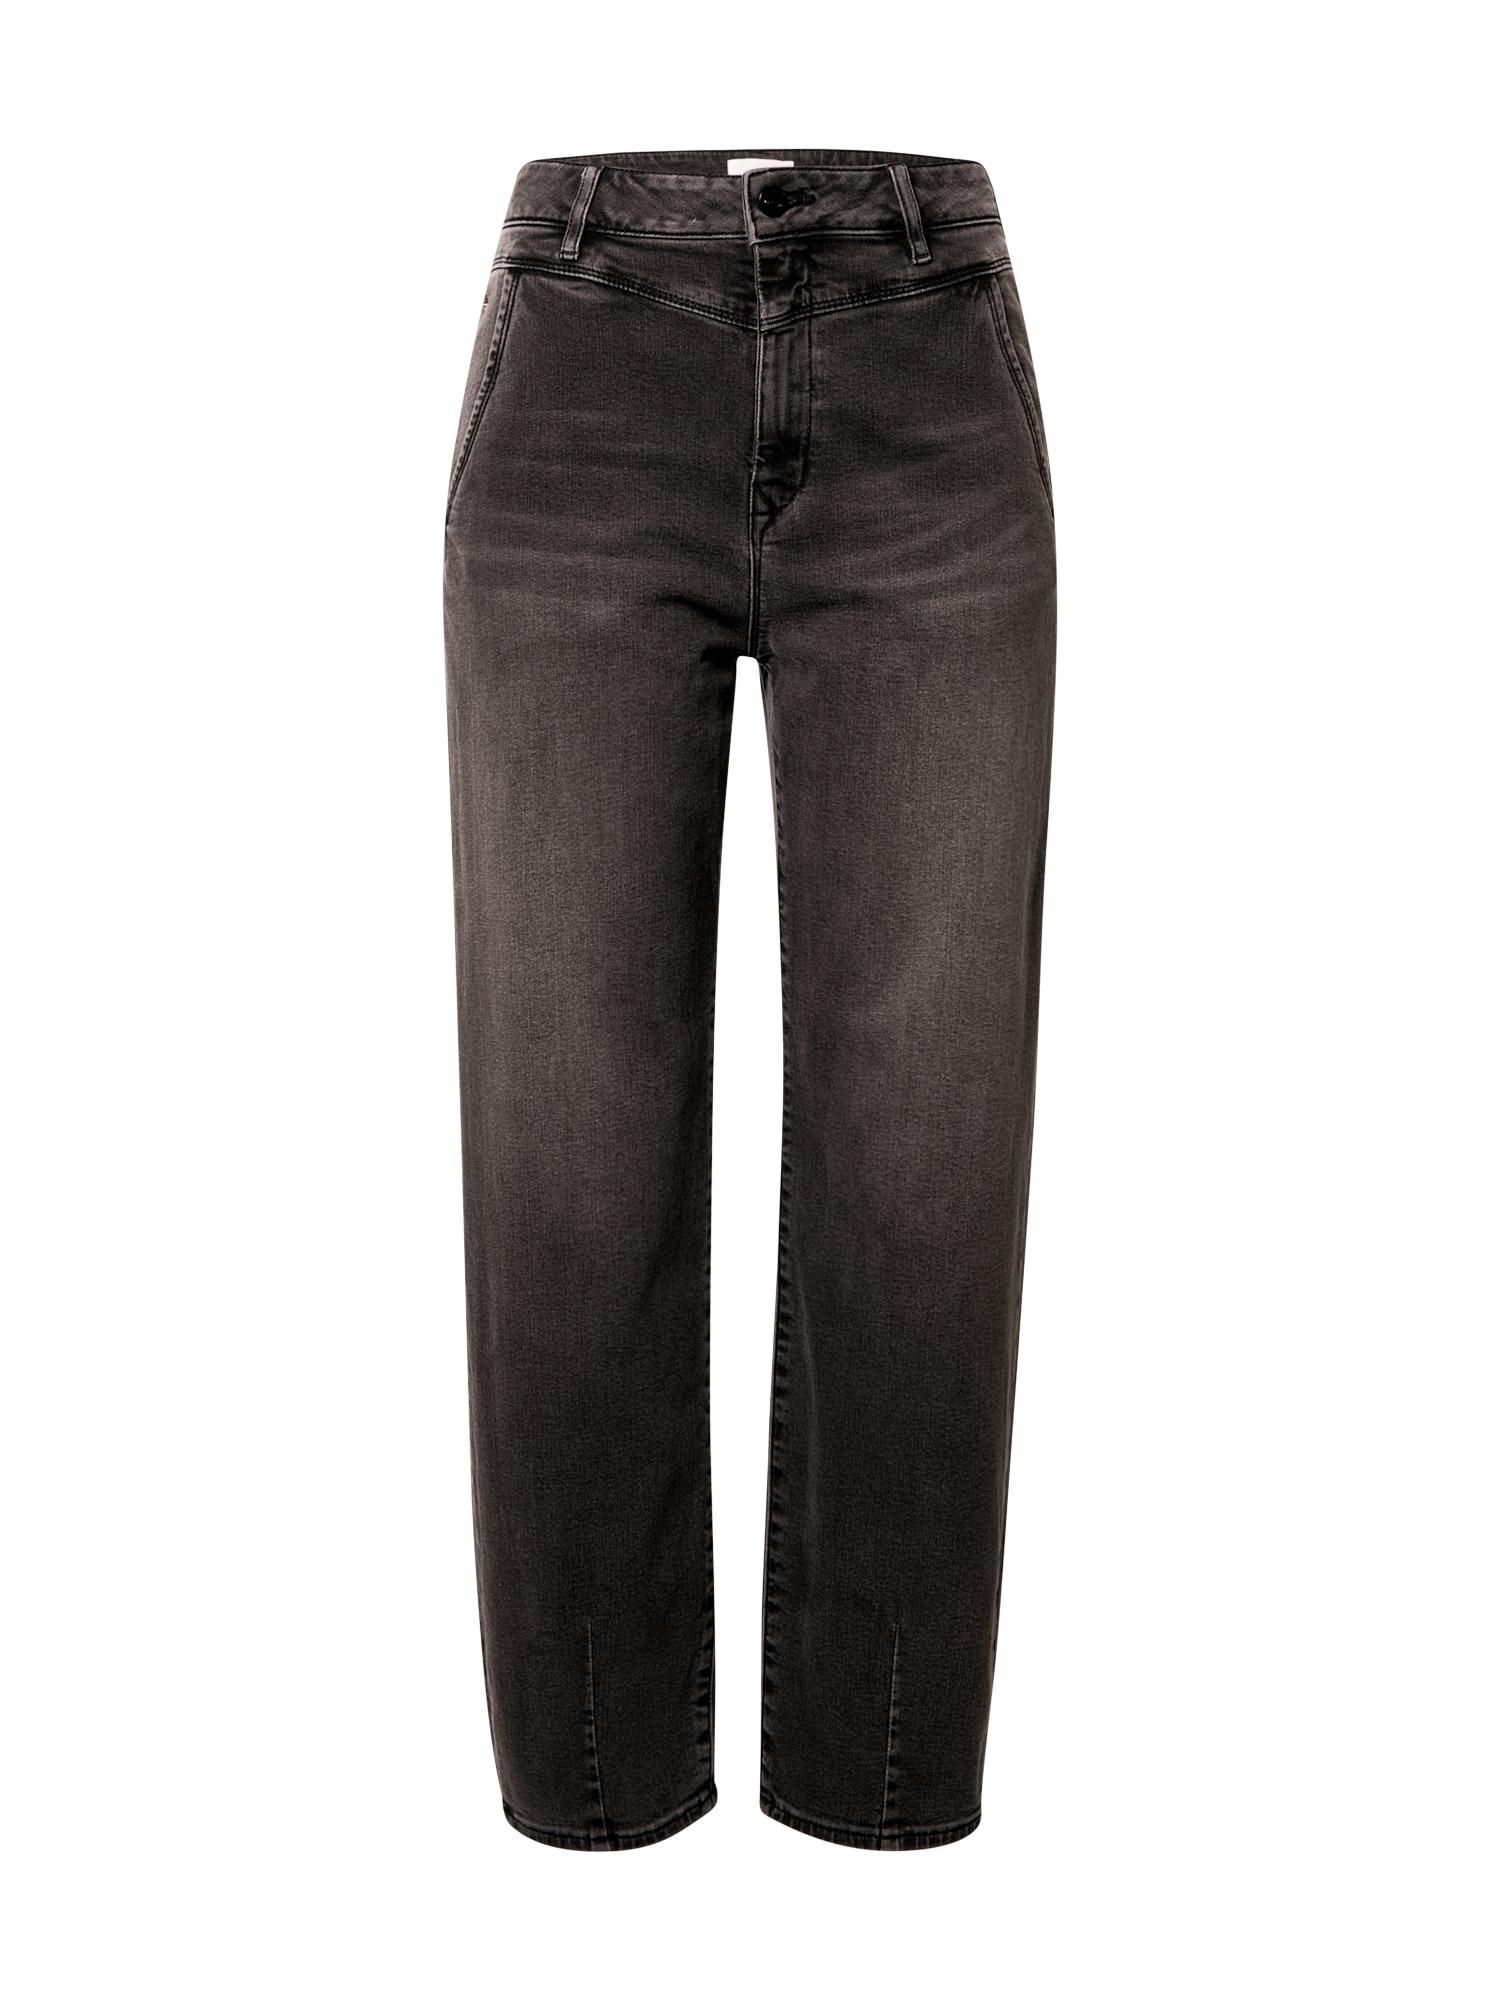 Dawn Džinsai 'Vintage' pilko džinso